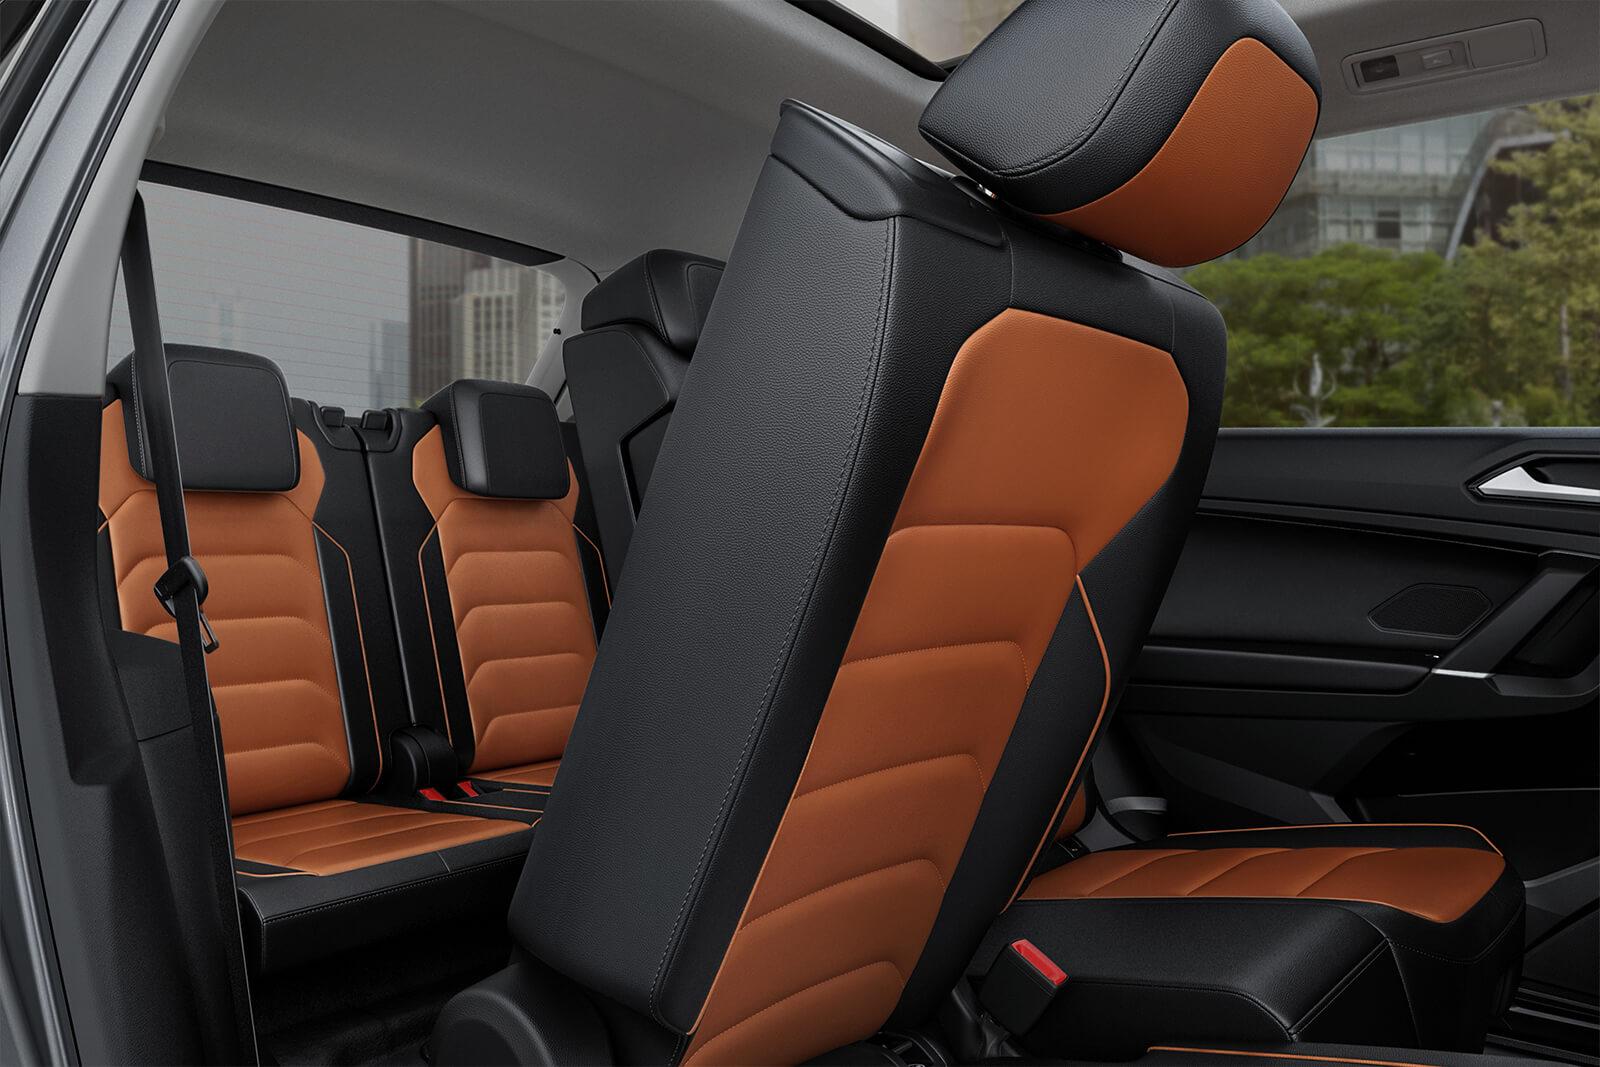 Tercera fila de asientos opcional en la Volkswagen Tiguan 2018